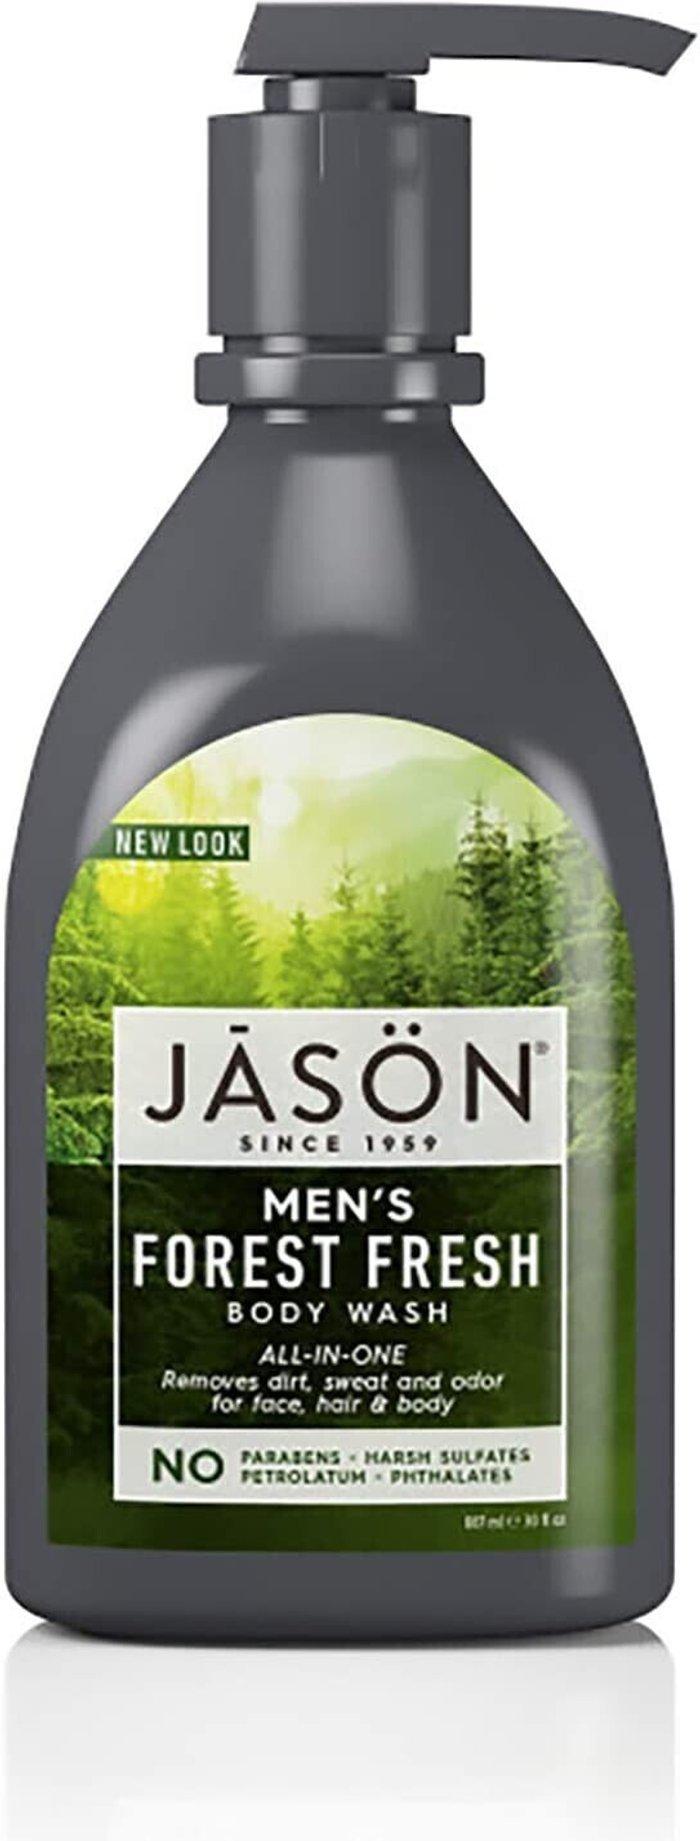 Jasön Jasön All-in-One Bodywash Forest Fresh 887ml